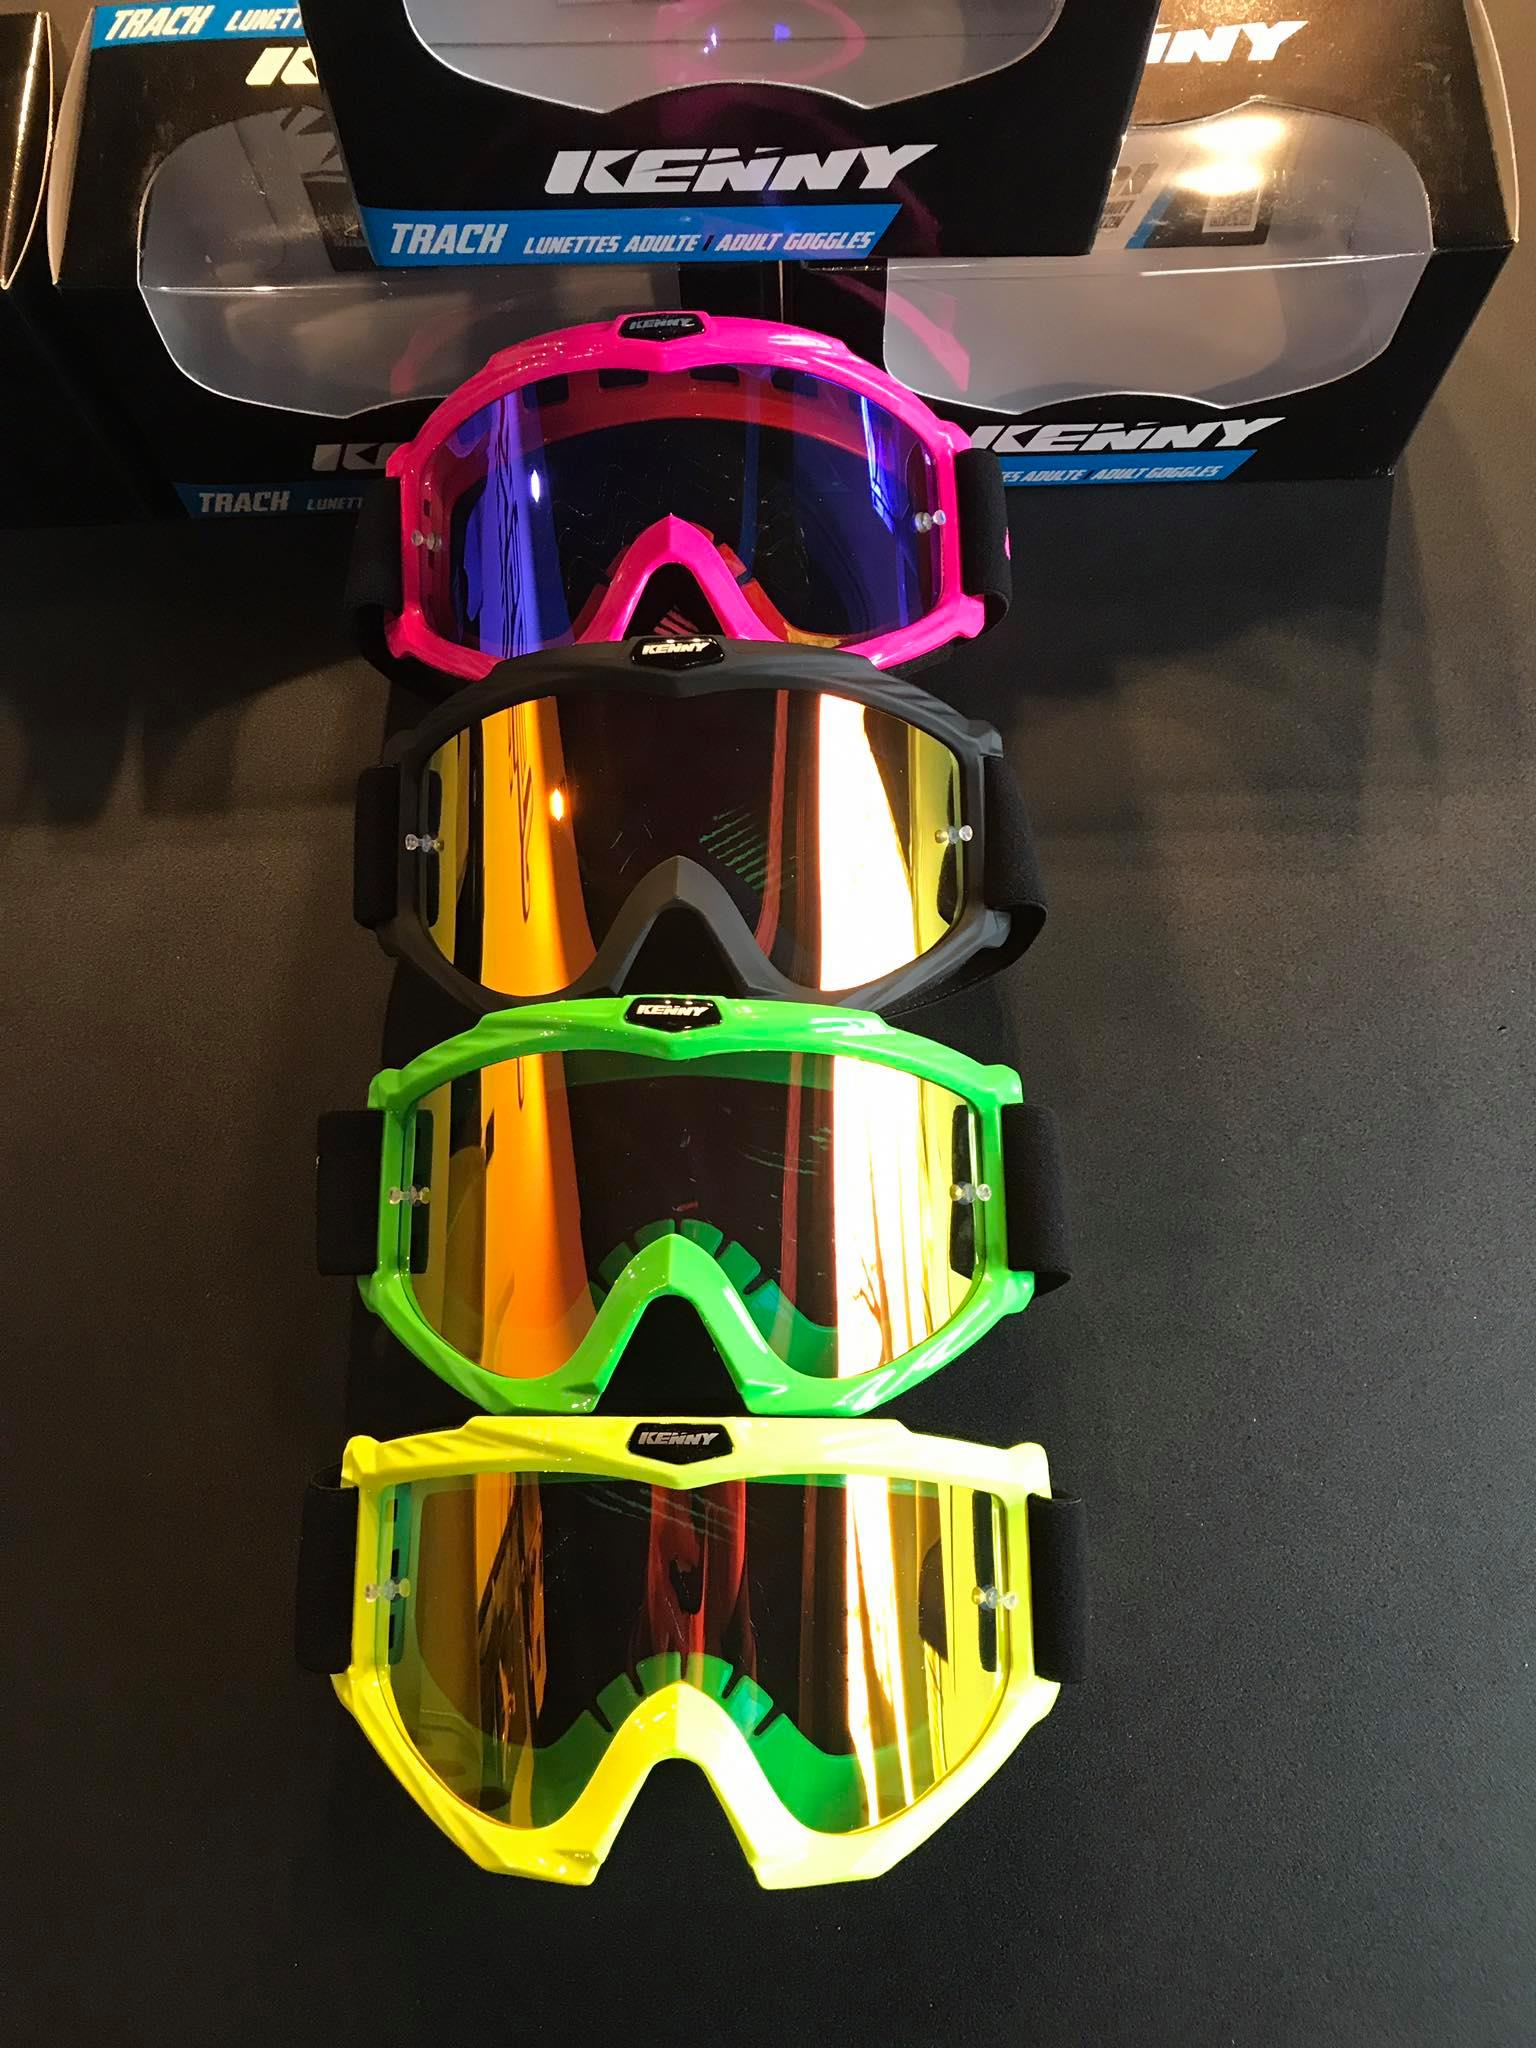 kenny brillen met spiegelglass Image